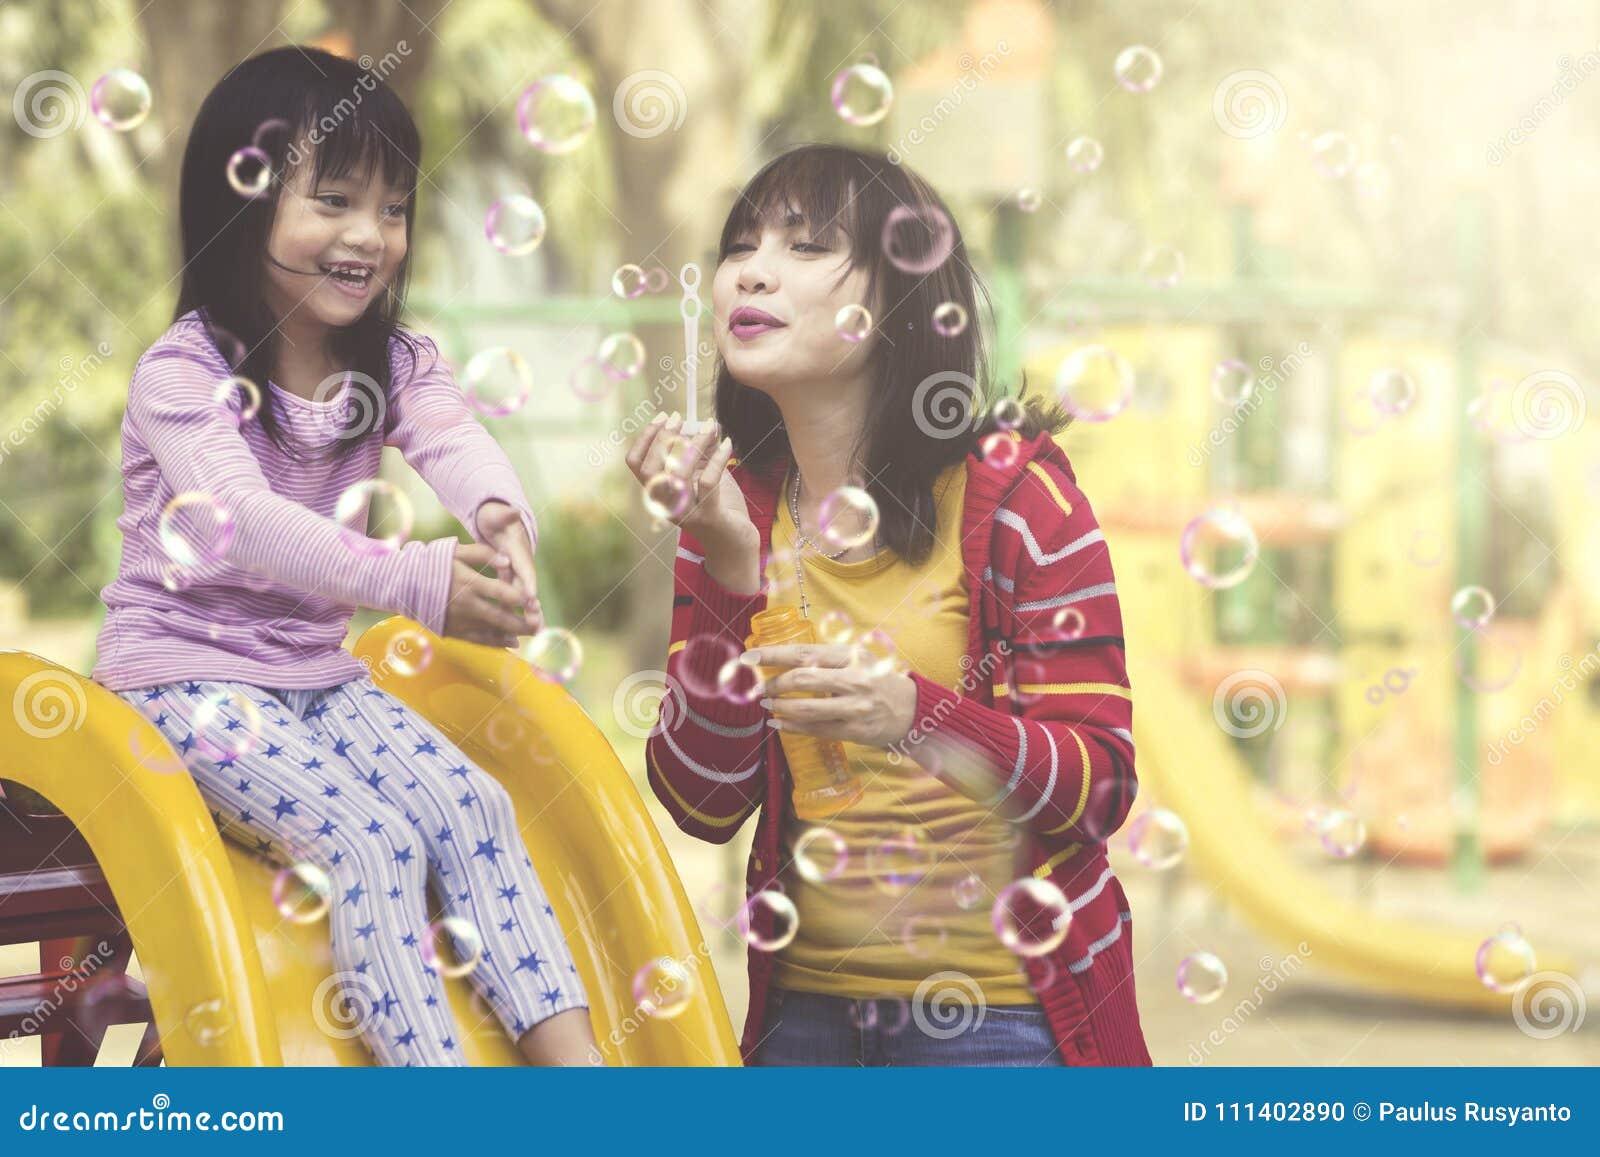 Mãe e filha que têm o divertimento com bolhas de sabão no campo de jogos